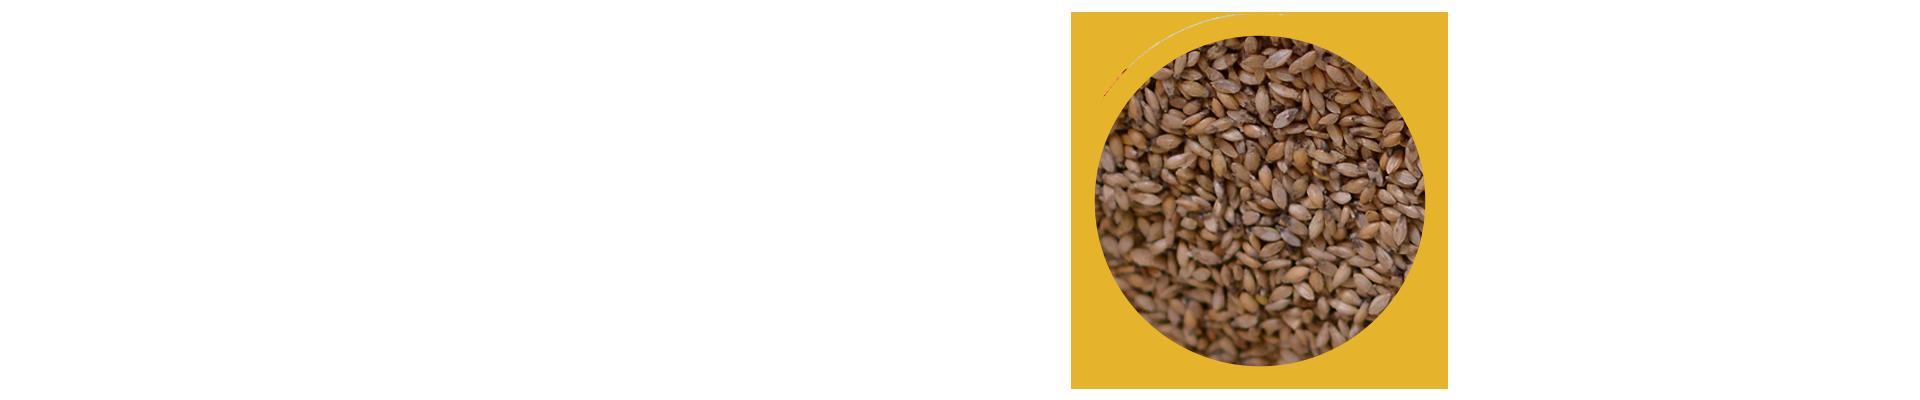 Saiba como solicitar sua amostra de sementes da Mineirão. Com uma simples mensagem você pode solicitar uma amostra grátis das sementes forrageiras da Sementes Mineirão. A equipe da Mineirão Sementes enviará a amostra para a sua casa, sem nenhum custo!